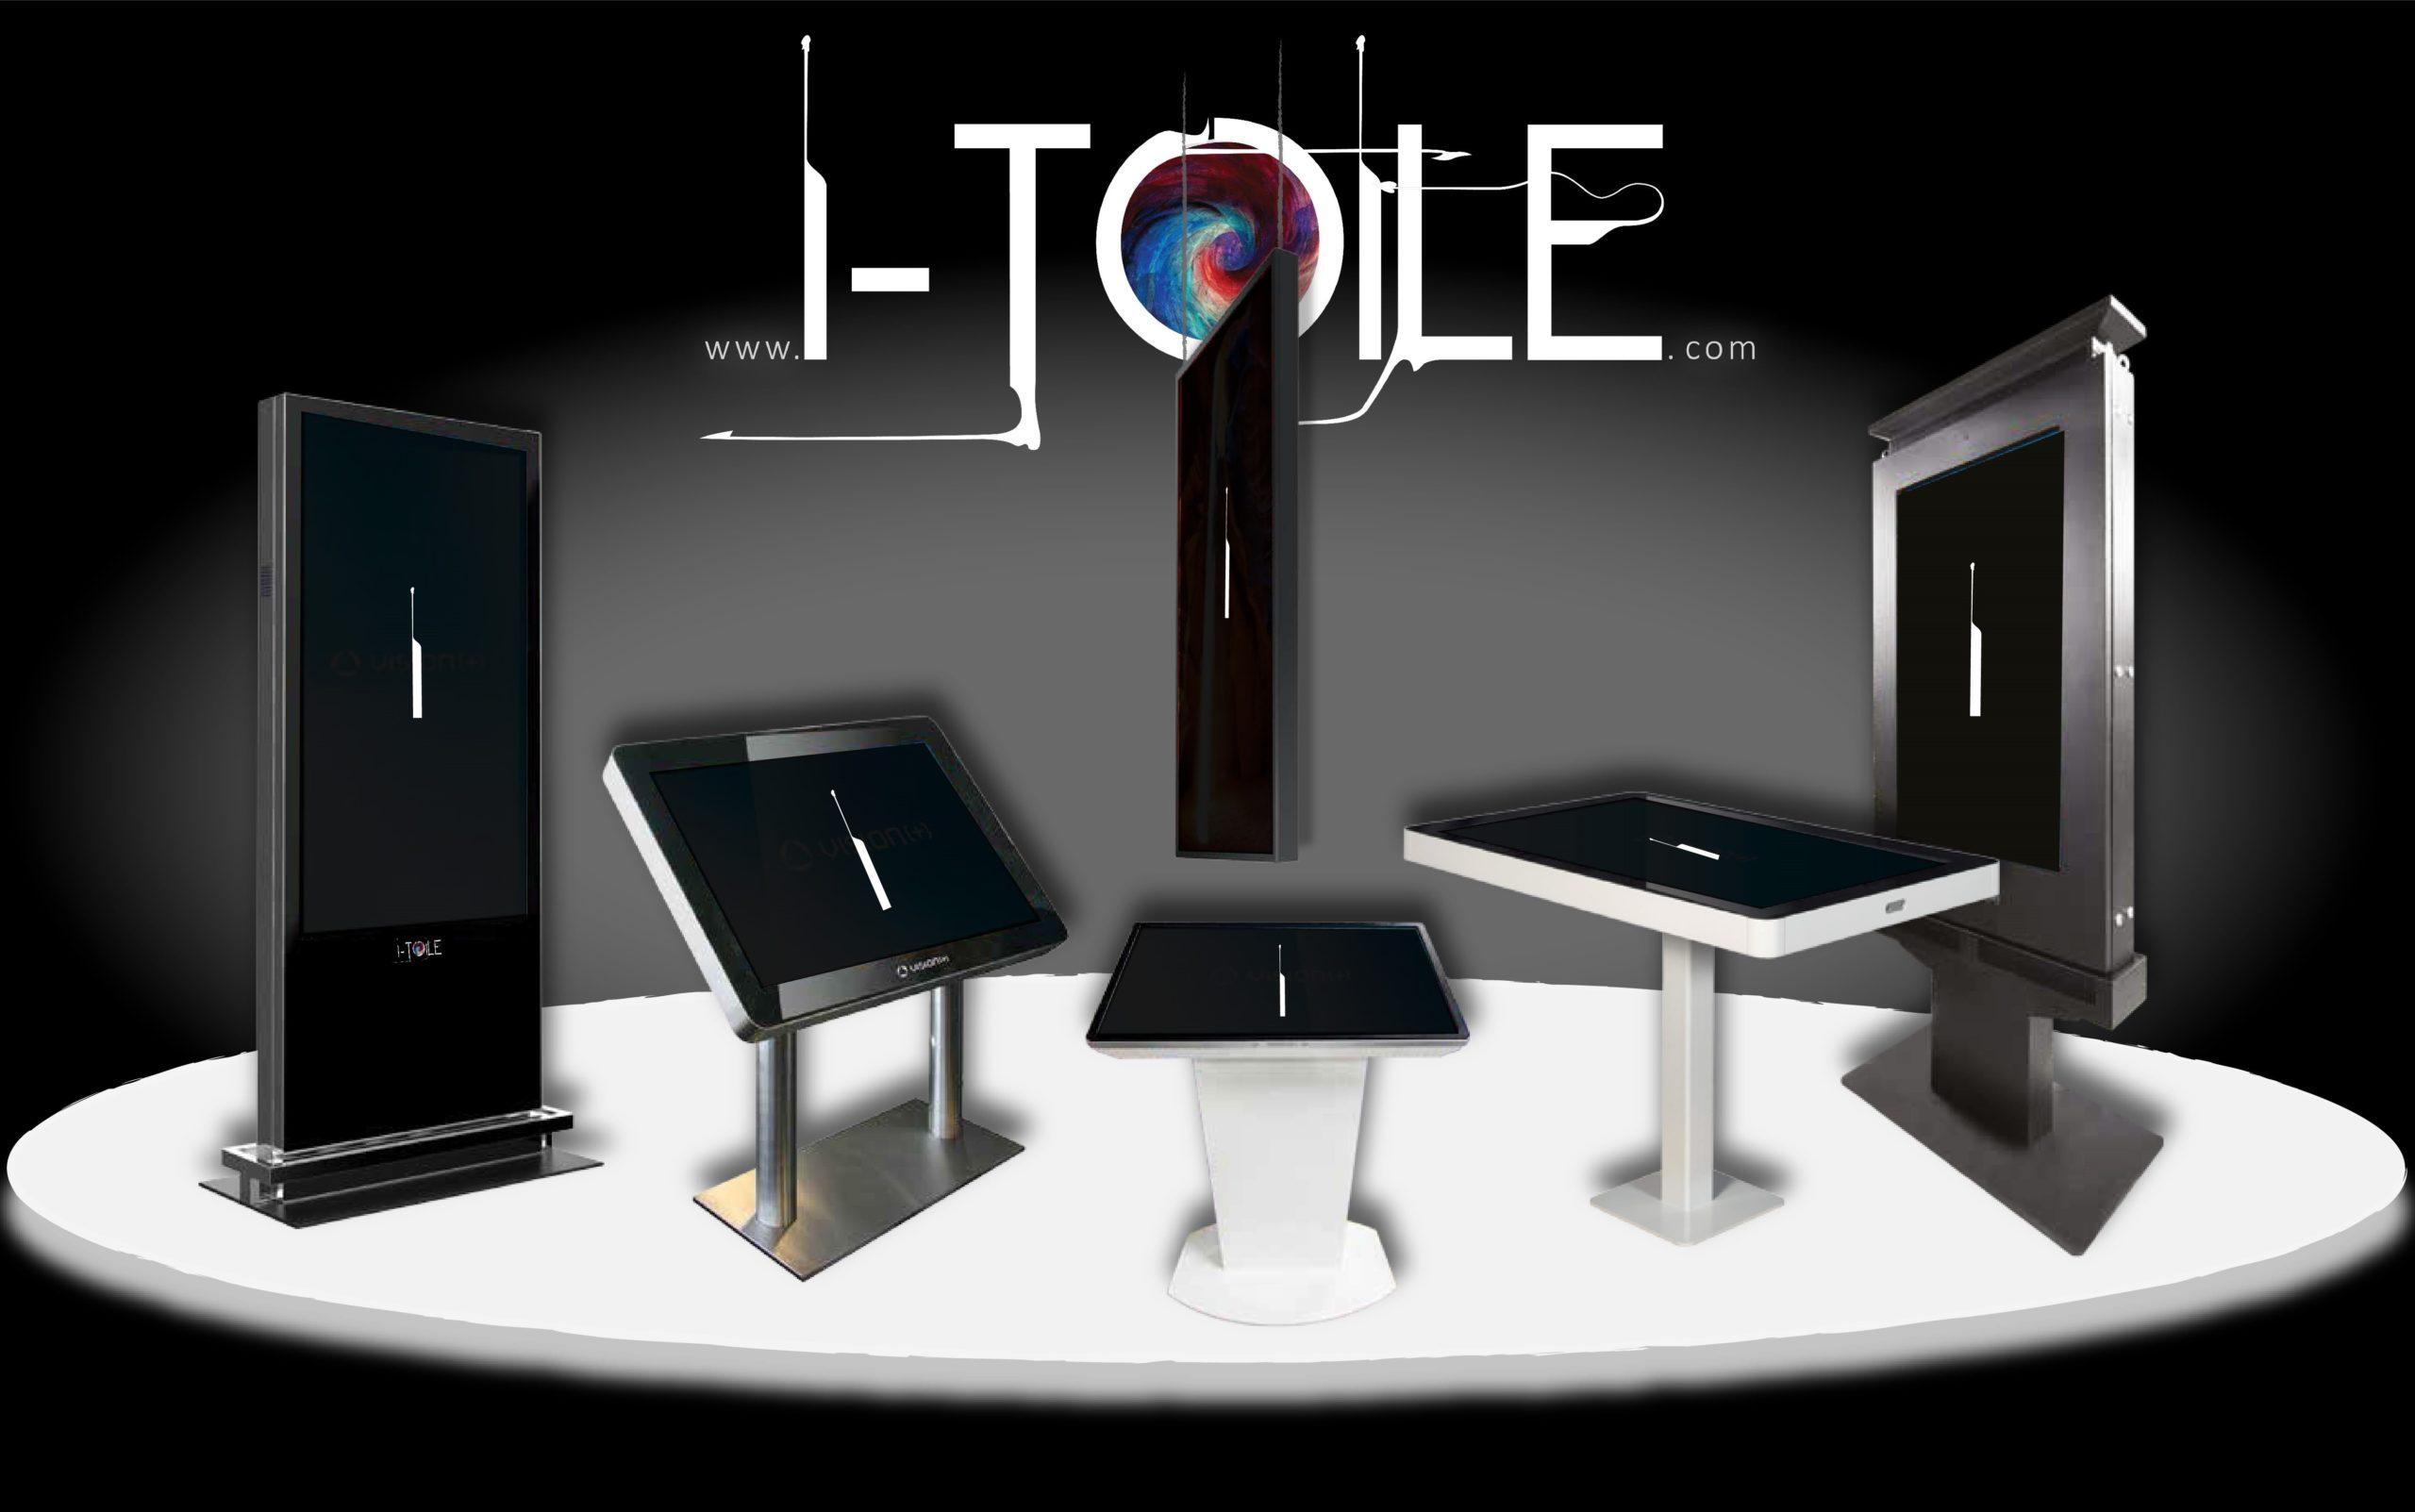 I-TOILE